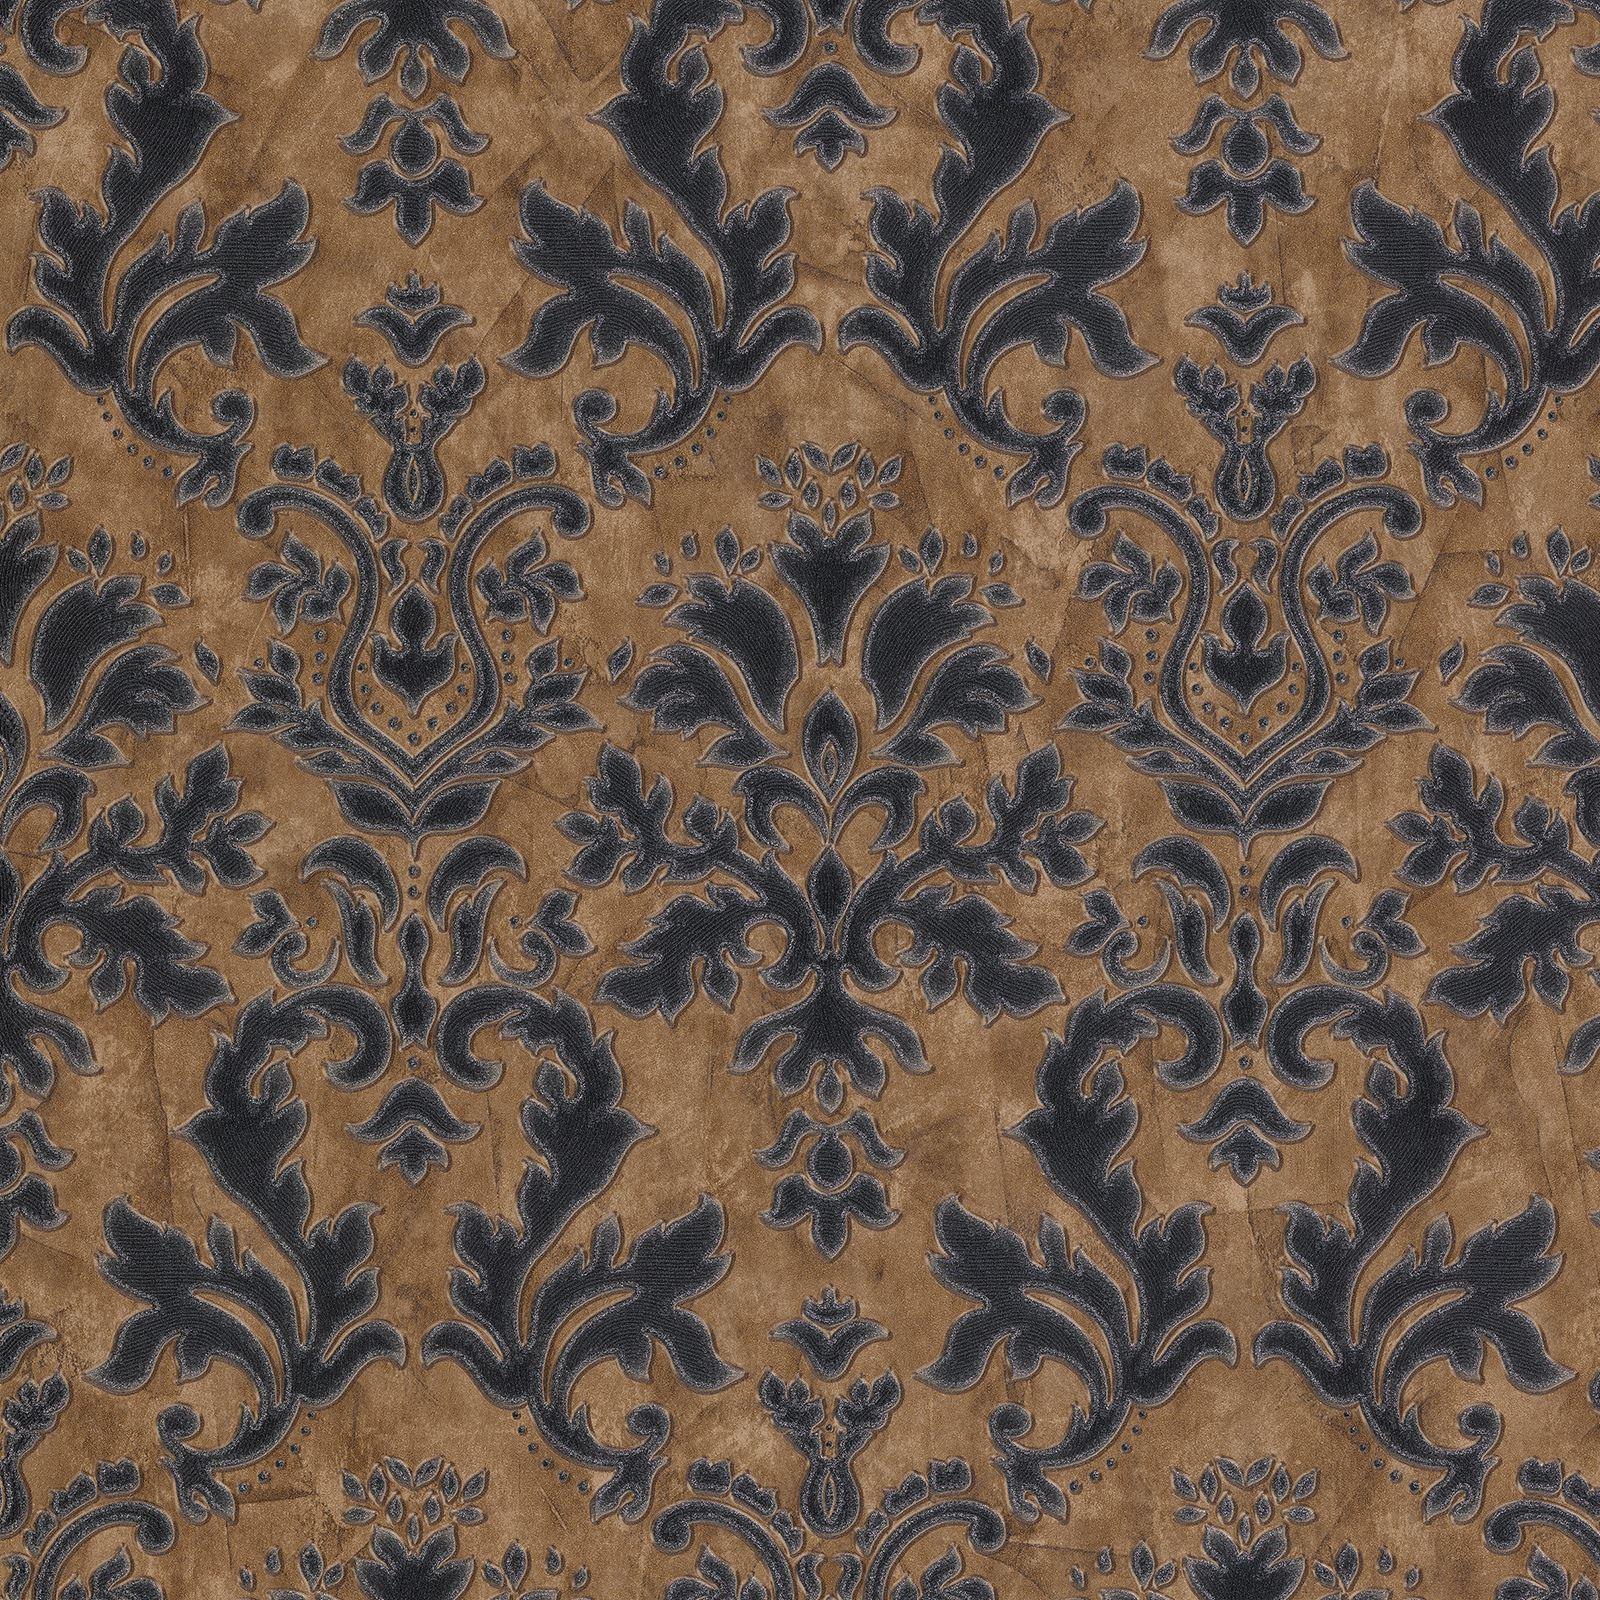 strukturiertes vinyl damast tapete braun schwarz silber p s 02485 40 ebay. Black Bedroom Furniture Sets. Home Design Ideas